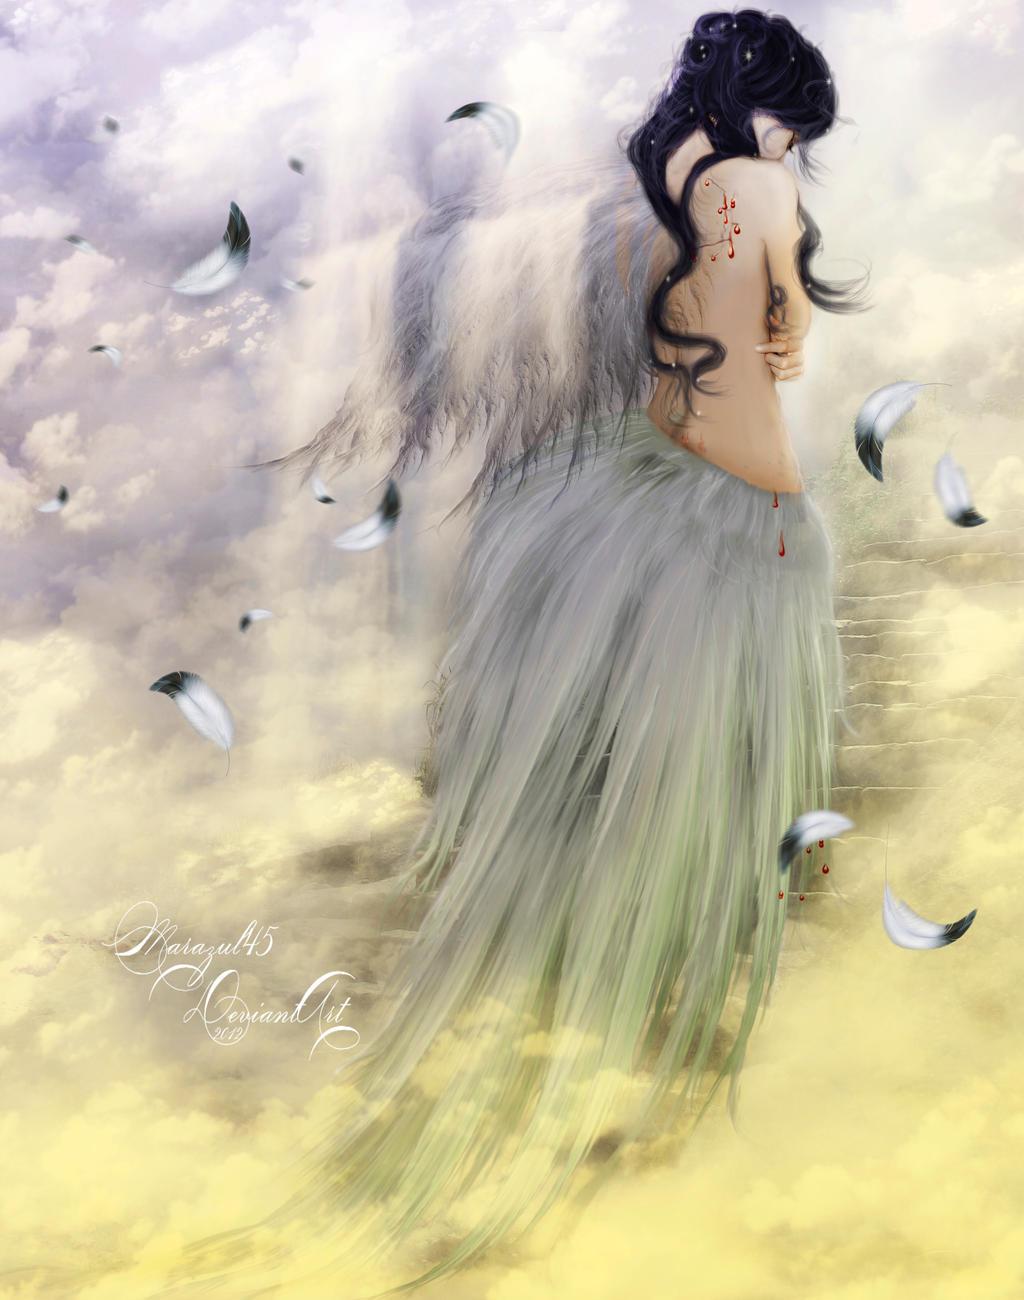 El nacer de las alas de un Angel by Marazul45